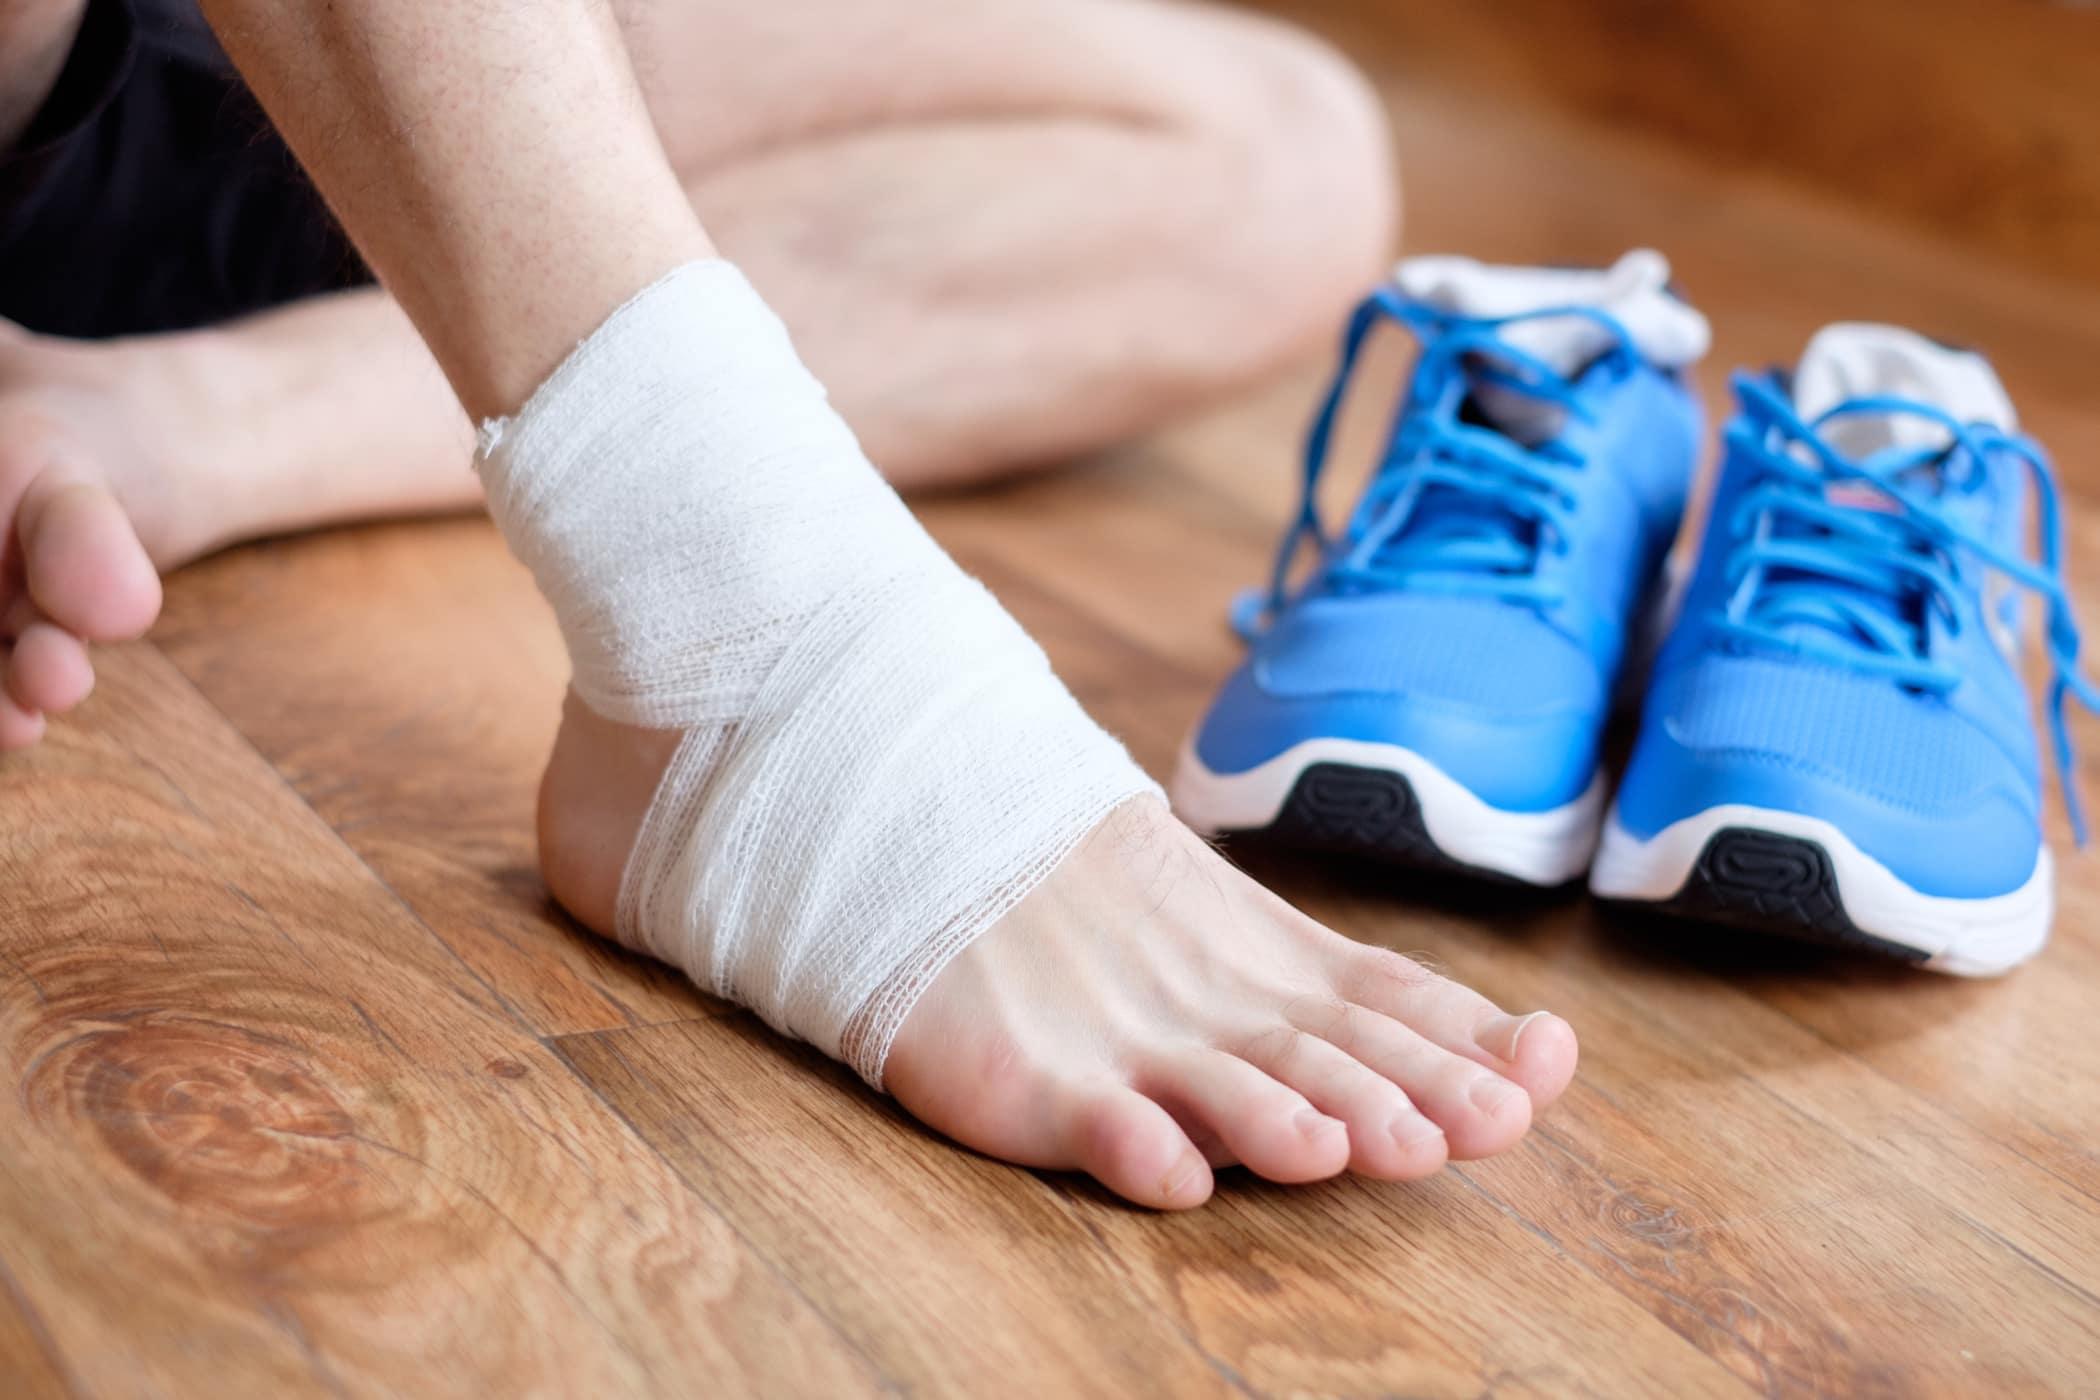 Cách sơ cứu bong gân đúng cách để tránh ảnh hưởng đến xương khớp sau này - Ảnh 3